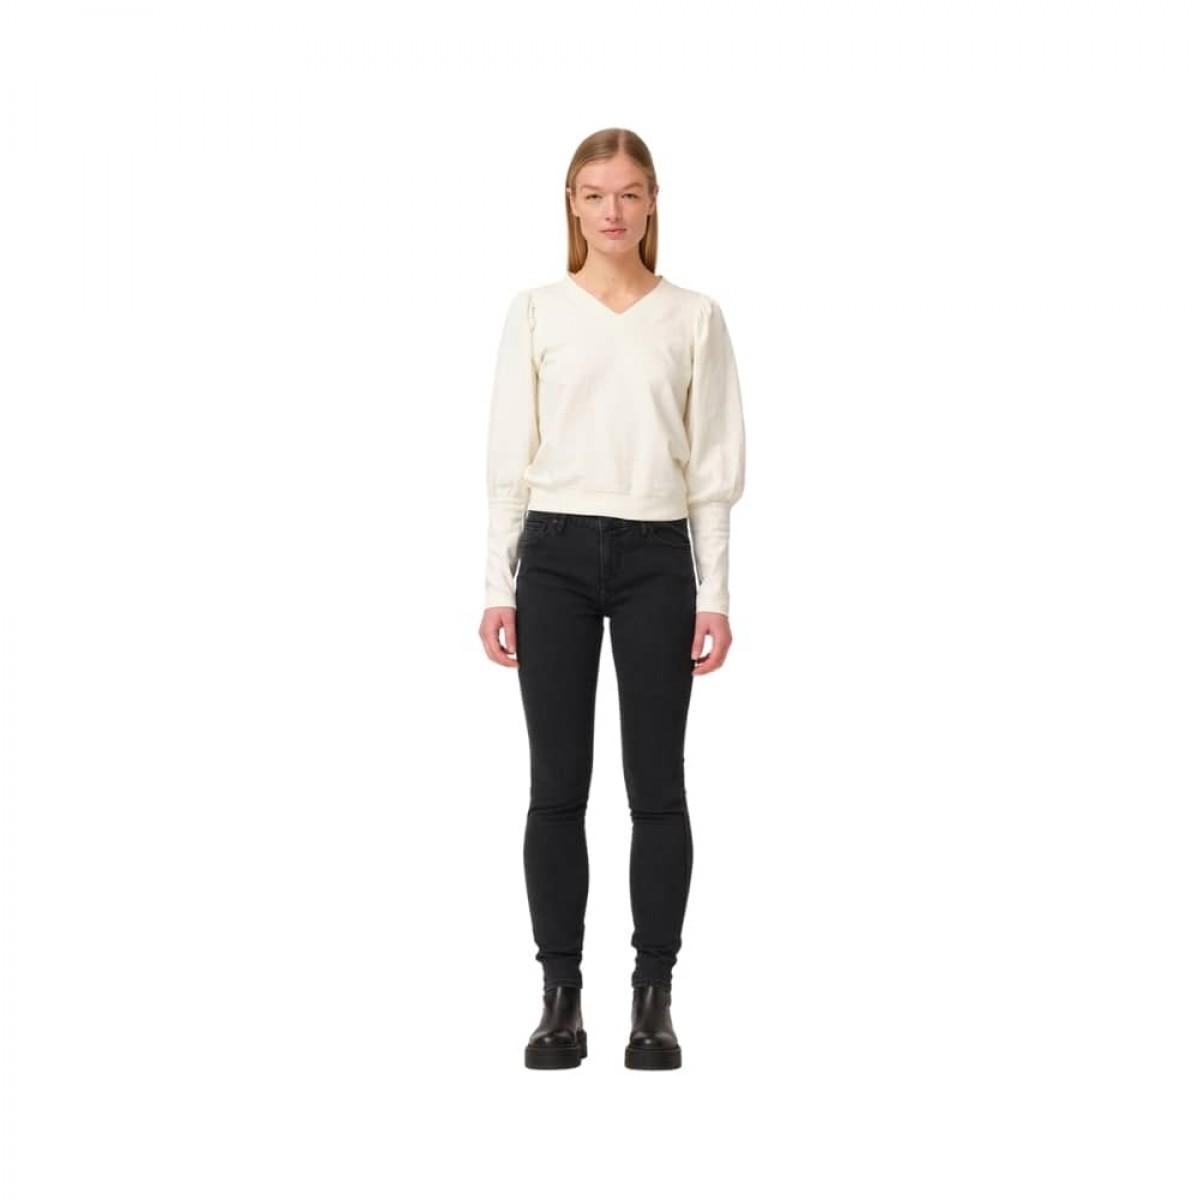 dylan slim jeans - black